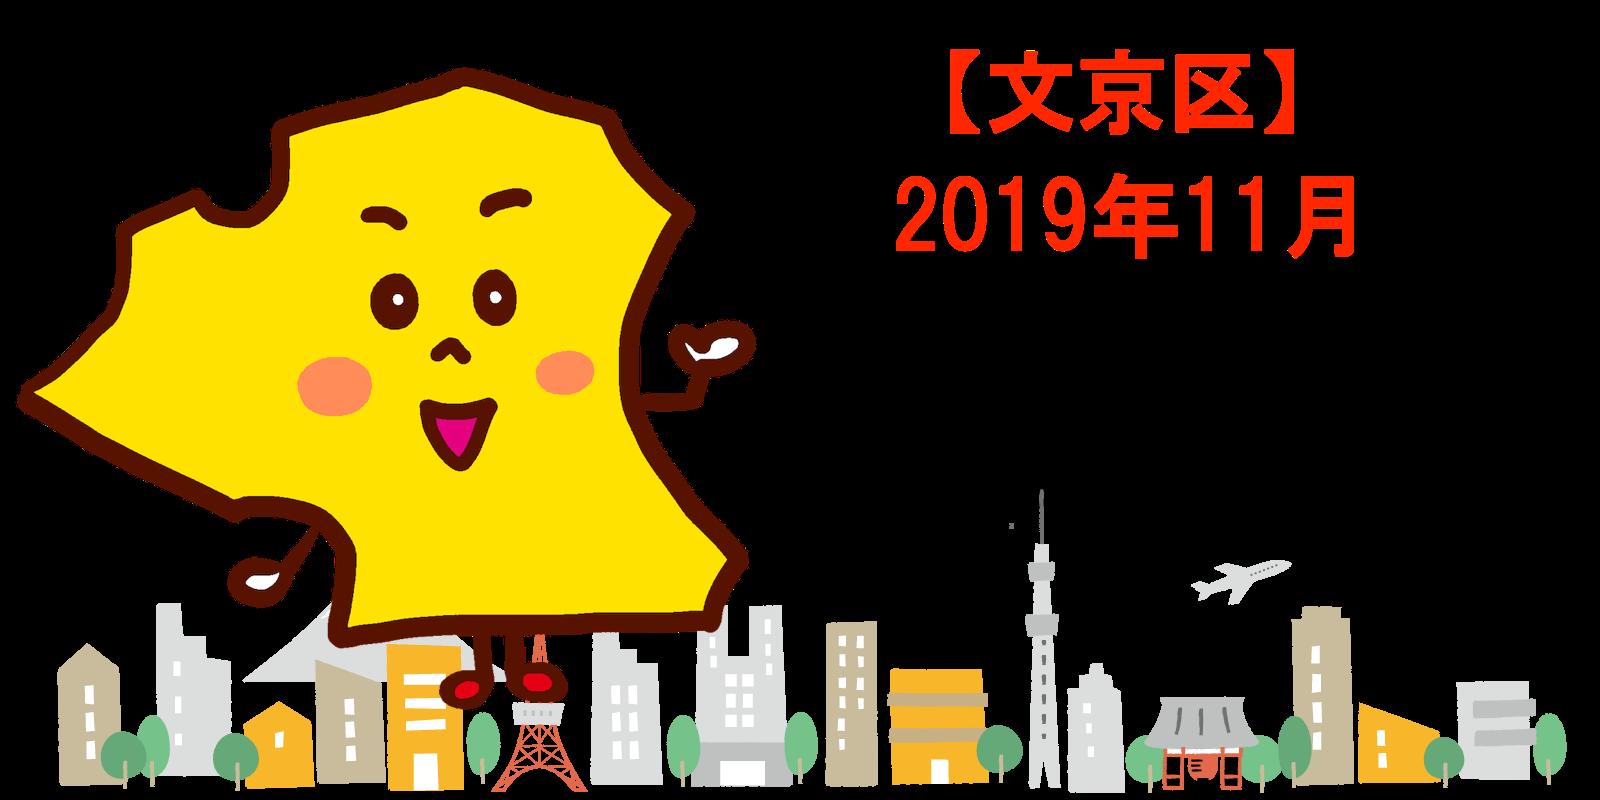 2019年11月 文京区 中古マンション価格相場ランキング